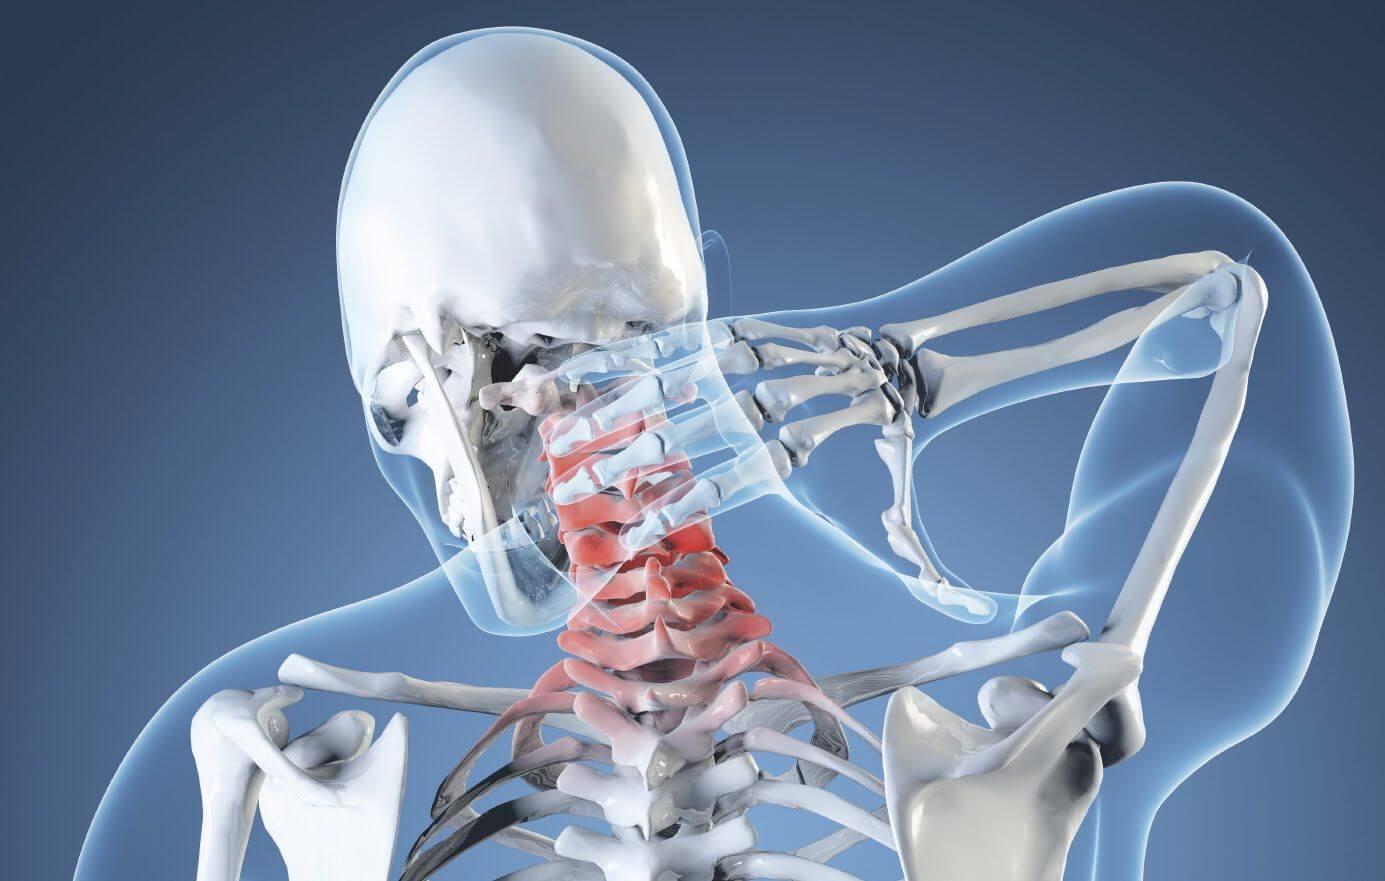 Лечение вертебро базилярной недостаточности при остеохондрозе